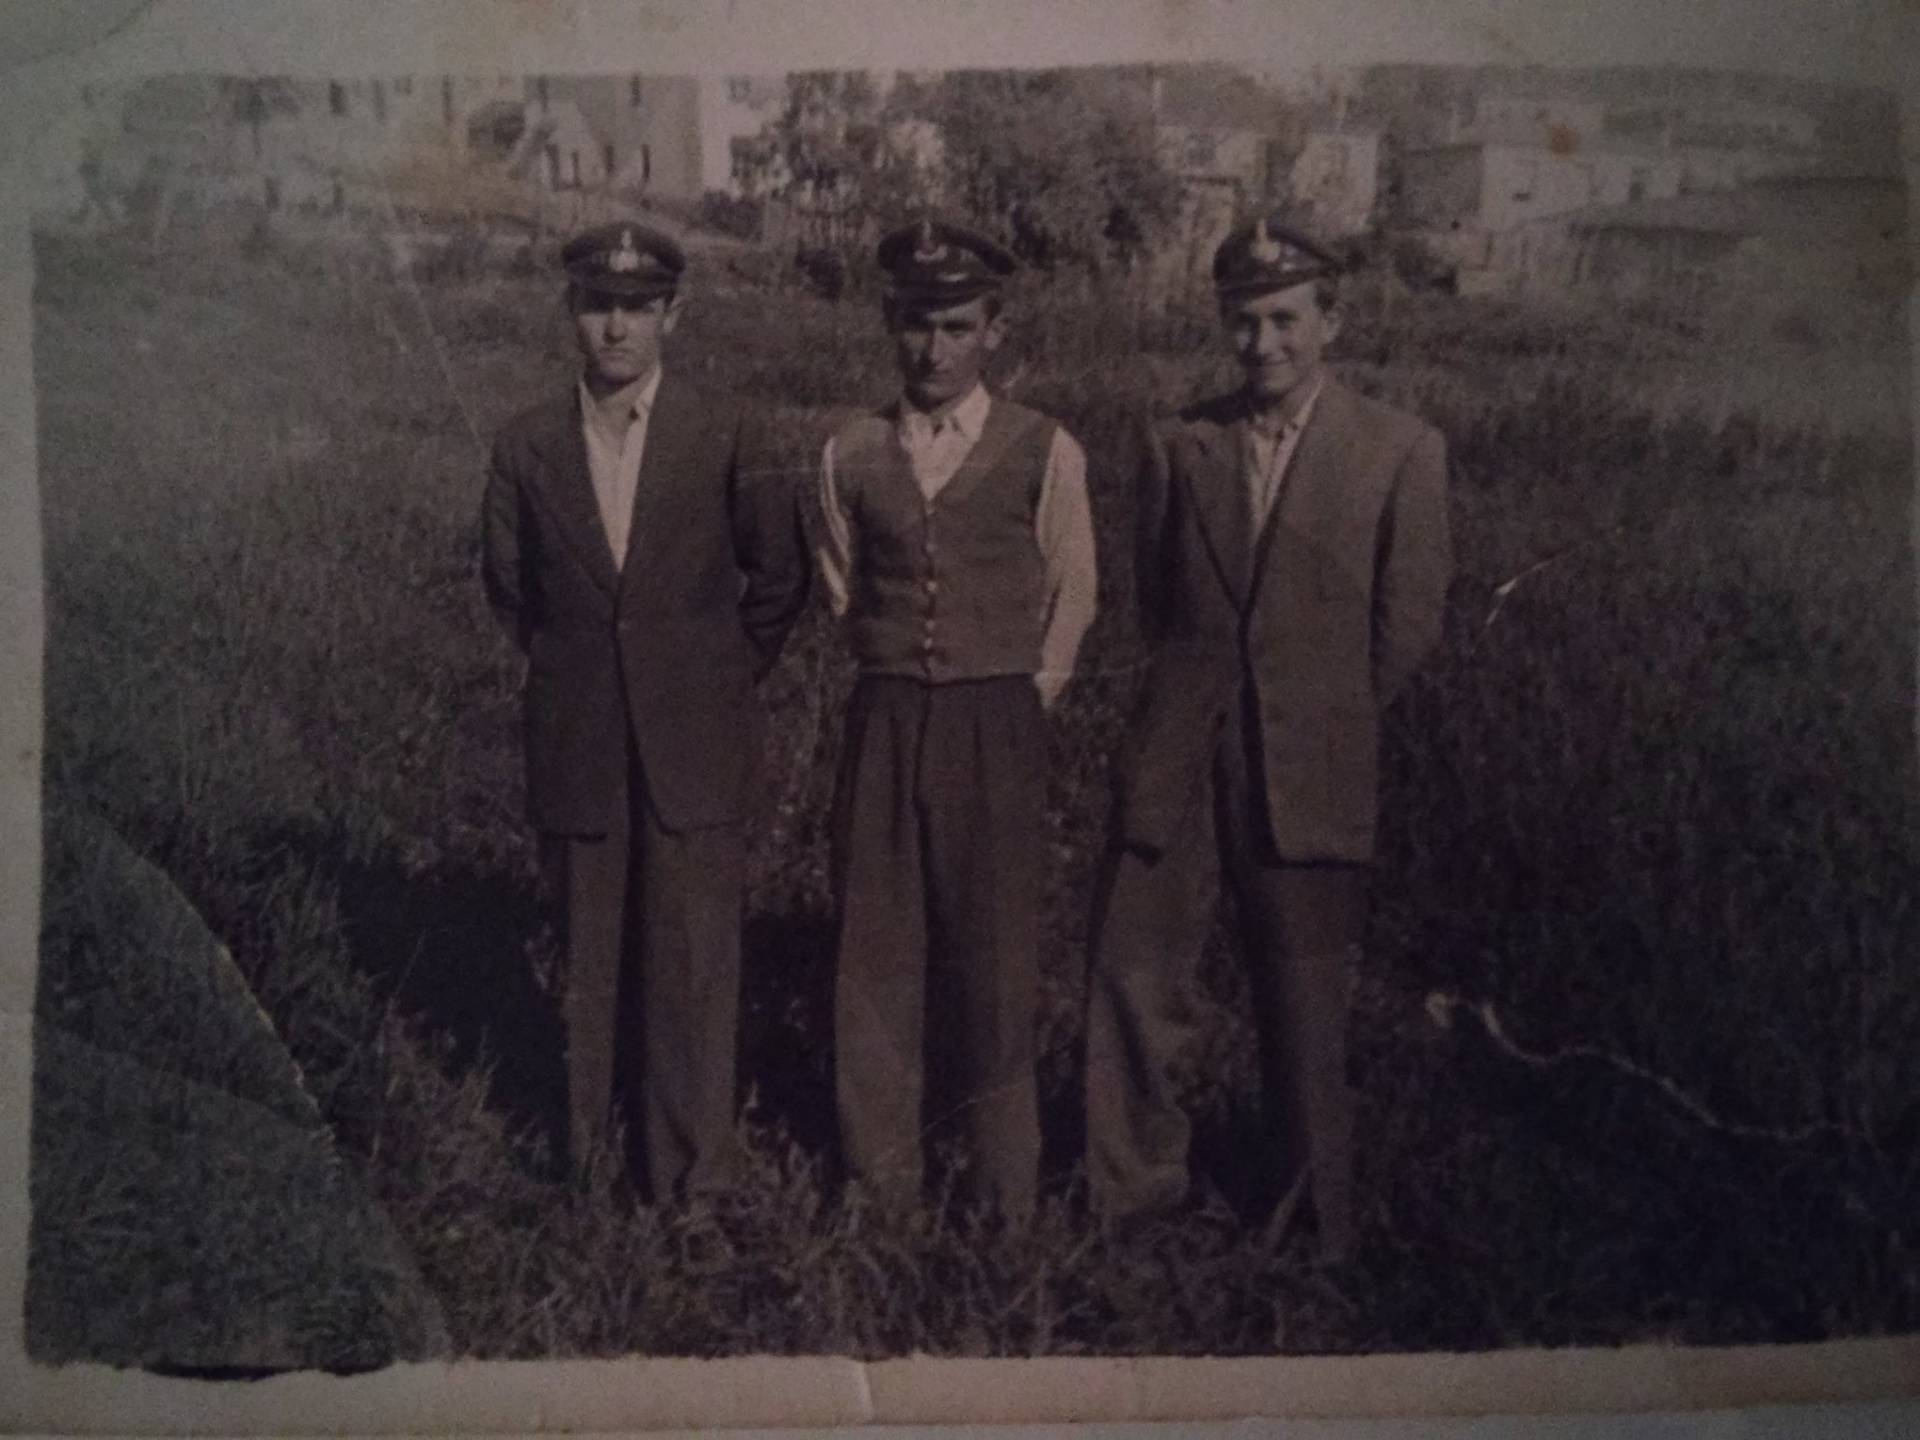 Αδυσώπητες μνήμες…Γρεβενά, 11 Φεβρουαρίου 1956…Βαρυχειμωνιά *Της Μαρίας Καραγιάννη